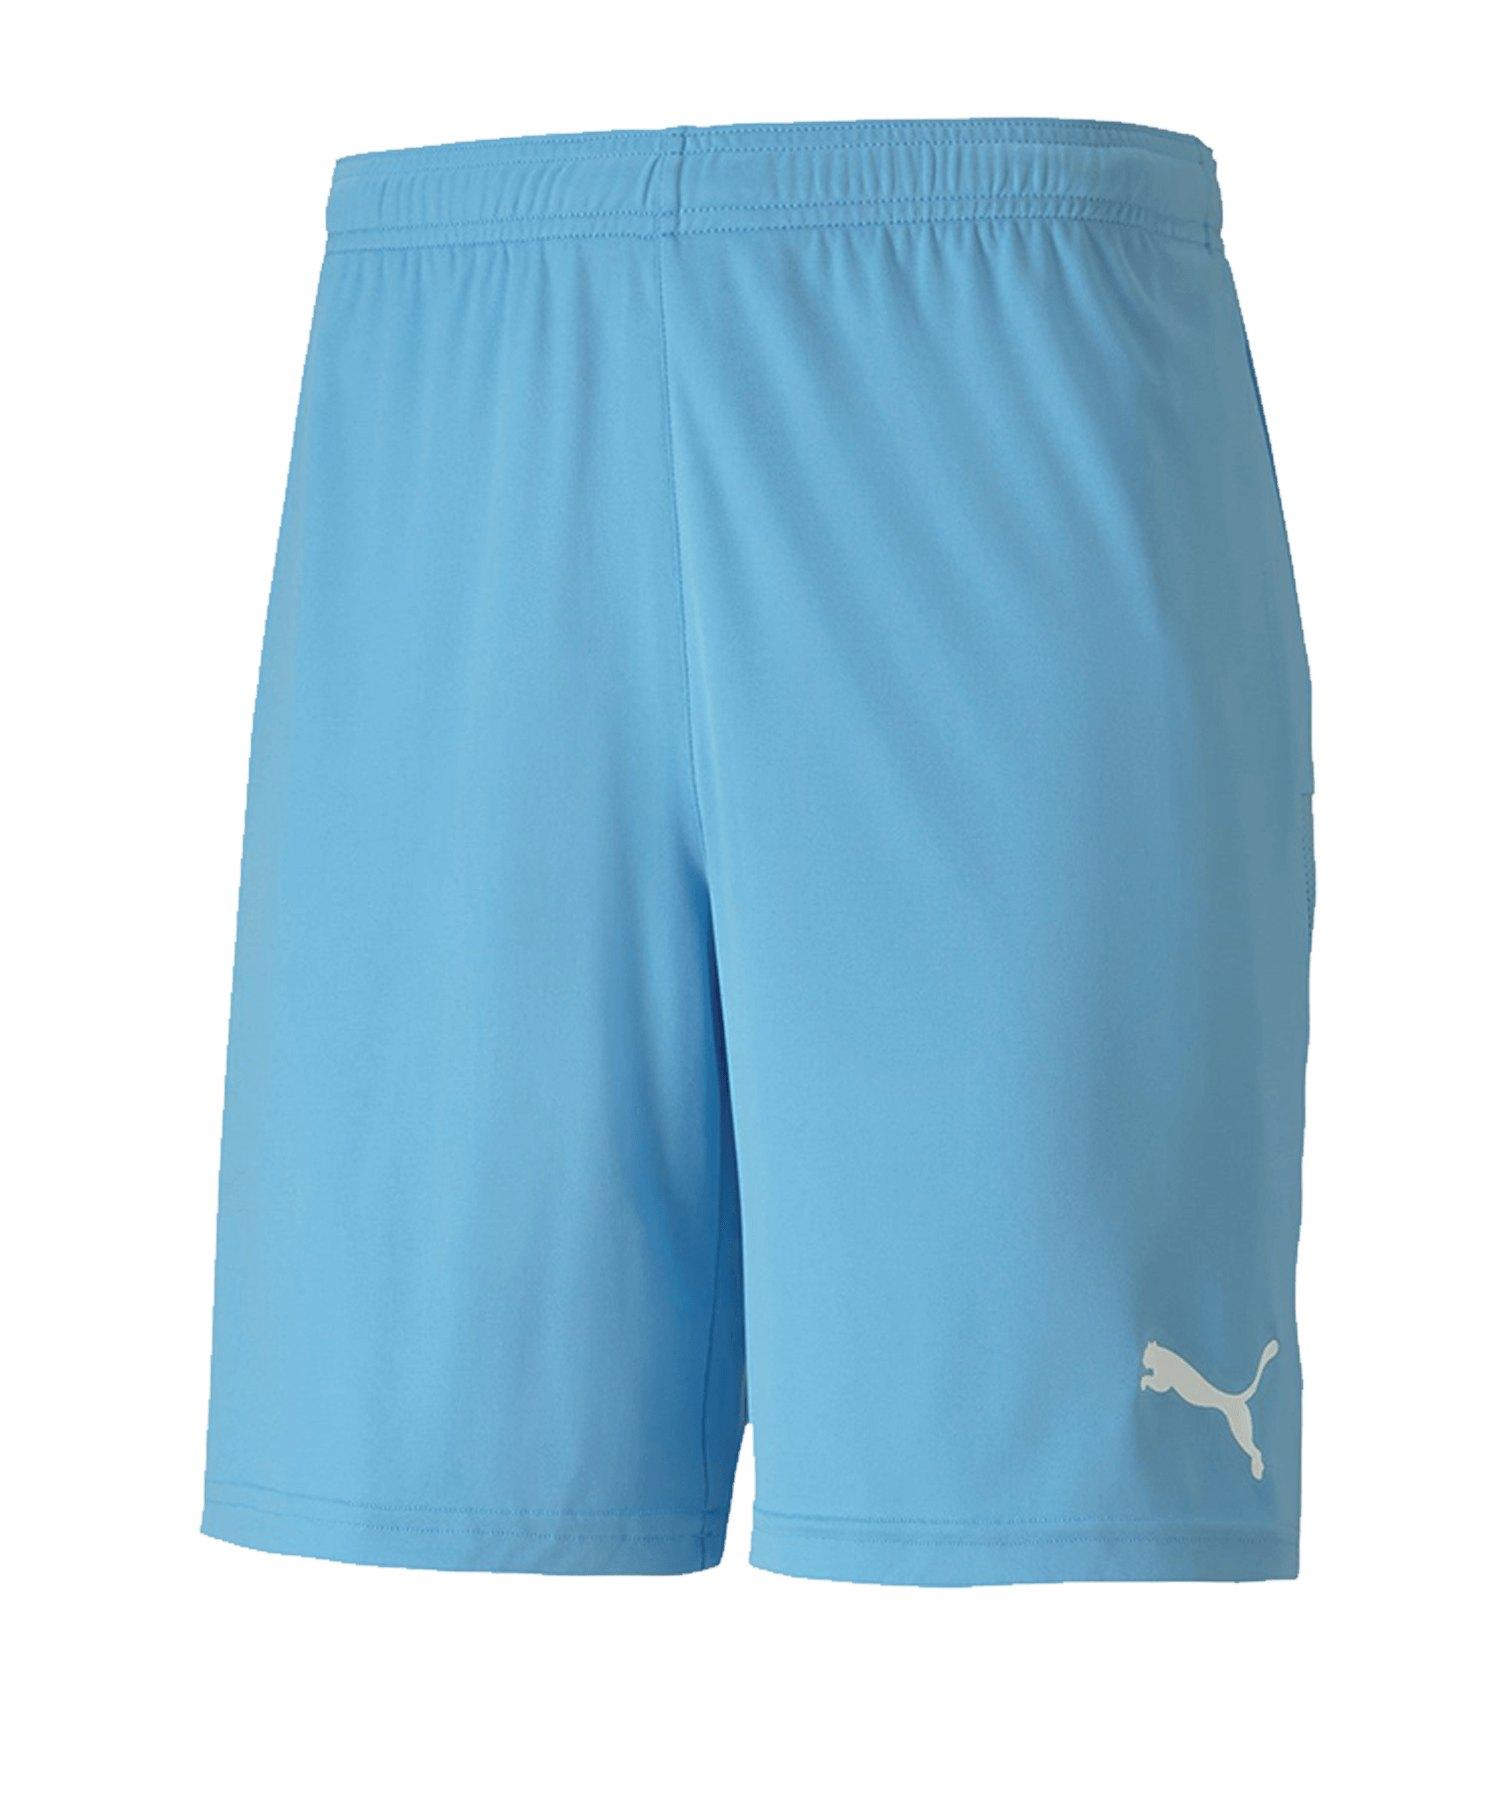 PUMA teamGOAL 23 Knit Short Hellblau F18 - blau